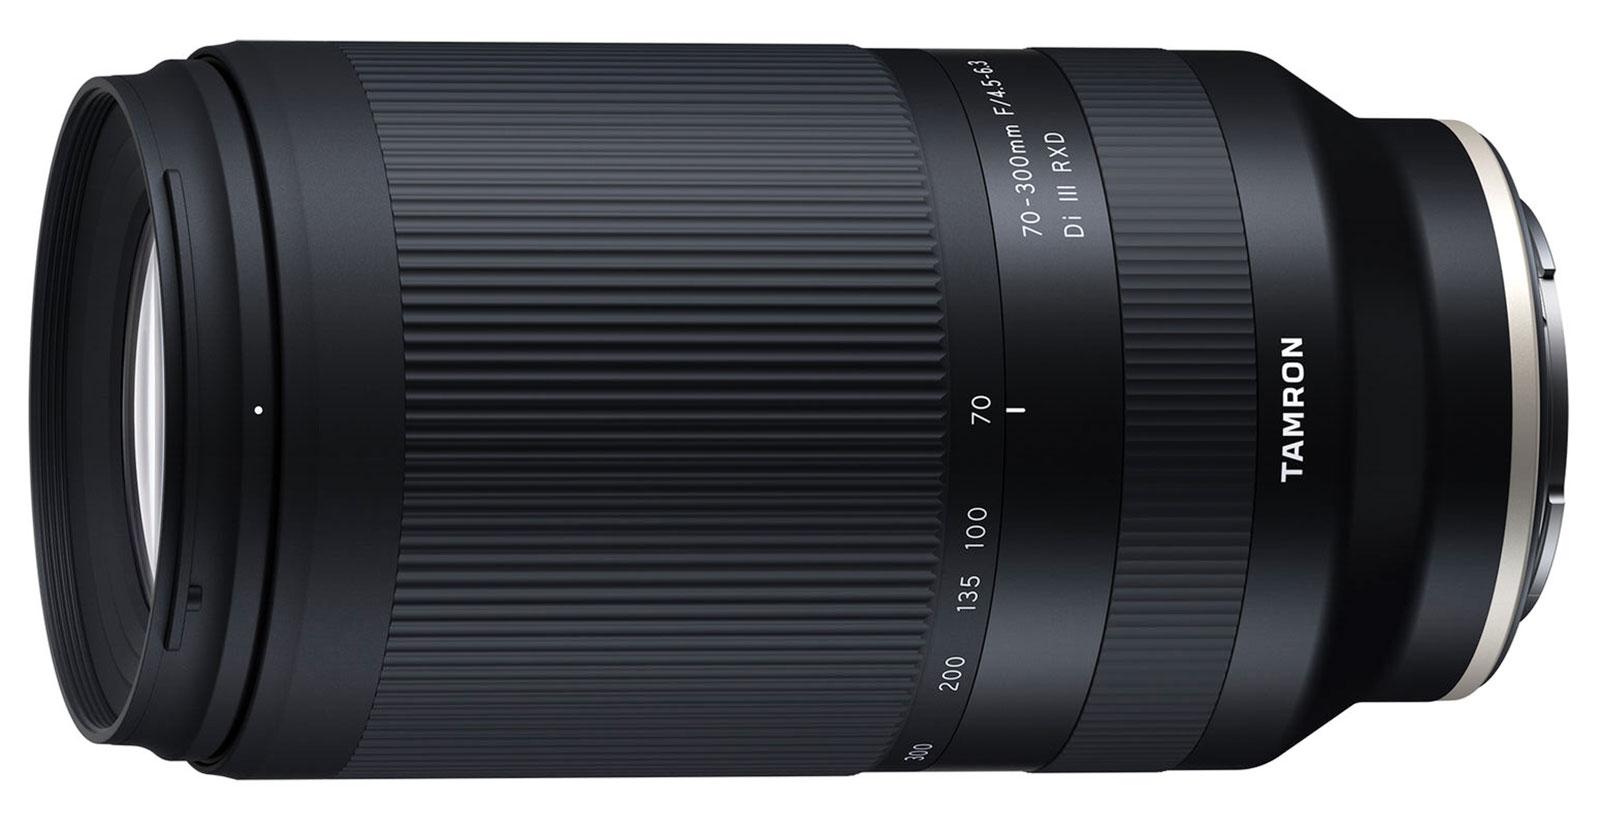 Tamron FE 70-300mm F4.5-6.3 Di III RXD Lens